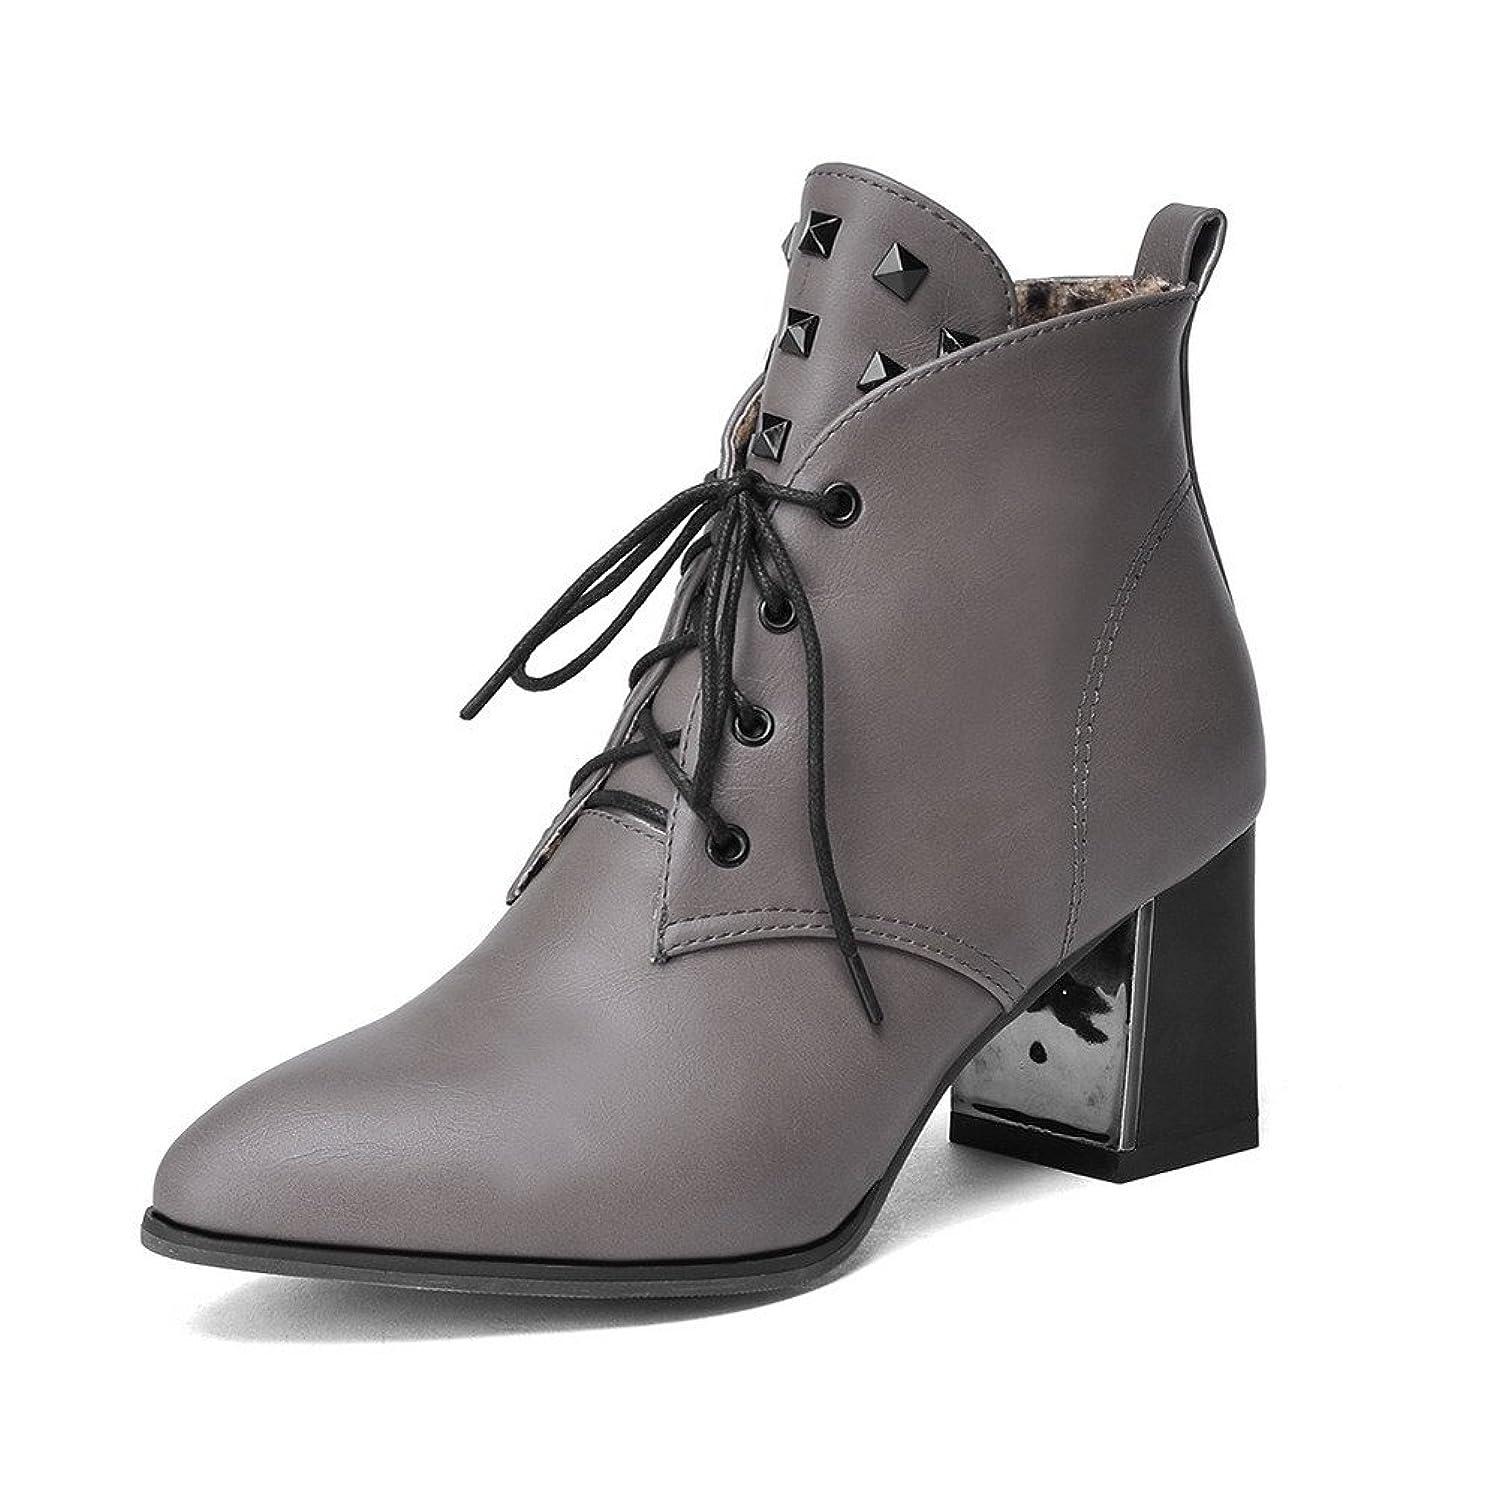 追放する一月反逆(ウンファッション) WeenFashion レディース PUの皮 ポインテッドトゥ 中ヒール レースアップ 純色 ブーツ